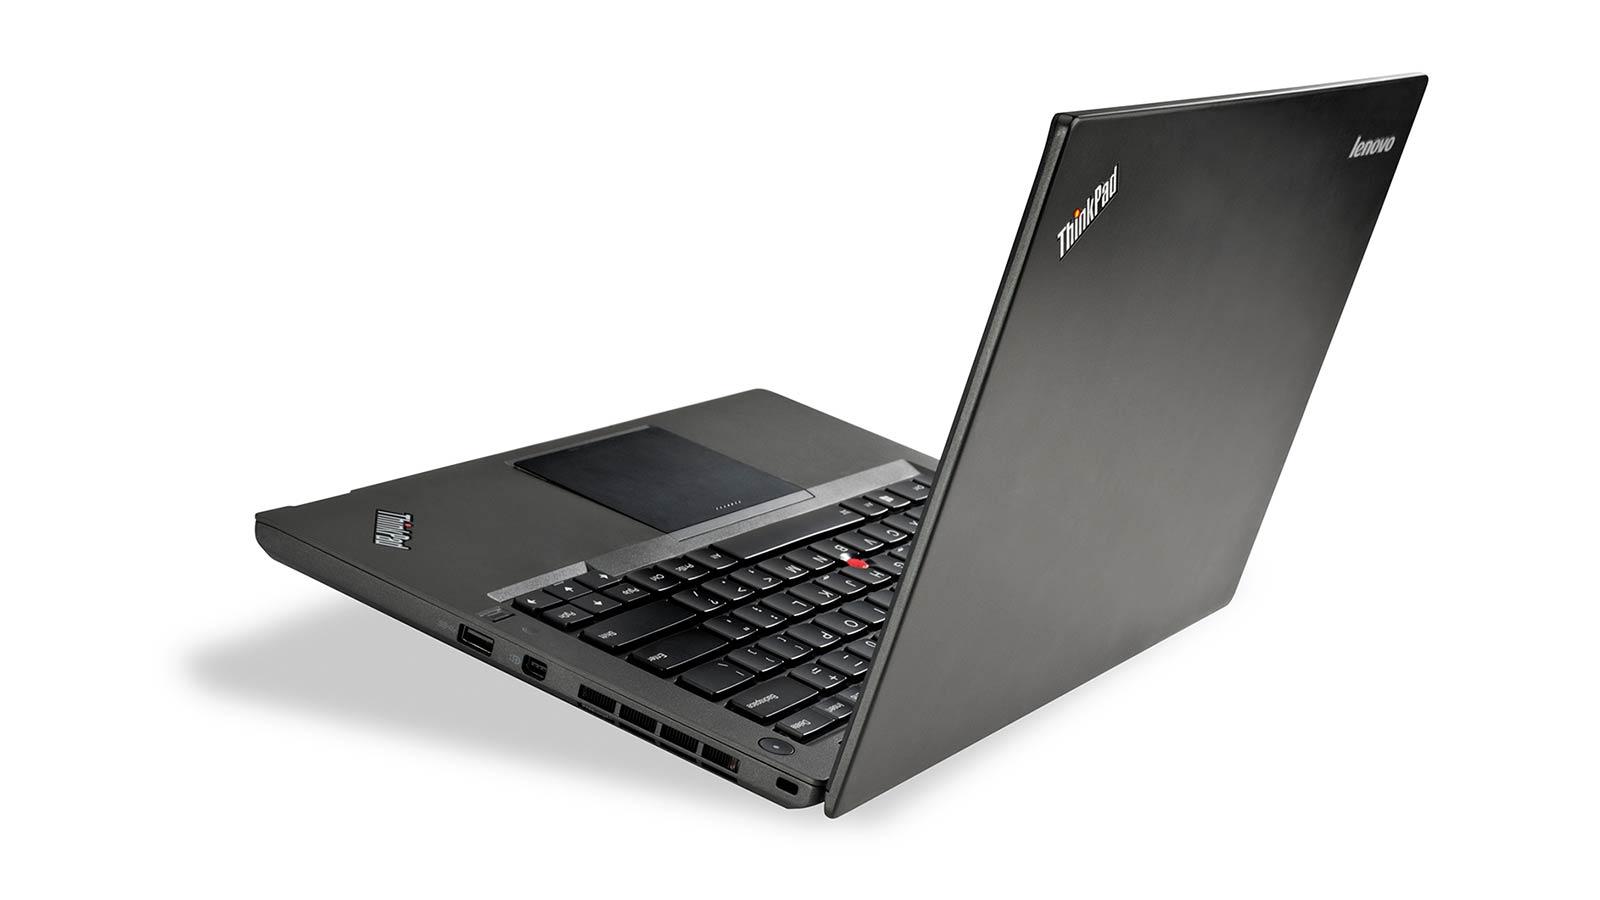 O Lenovo Yoga Book C930 vem com uma tela E-ink no lugar do teclado físico